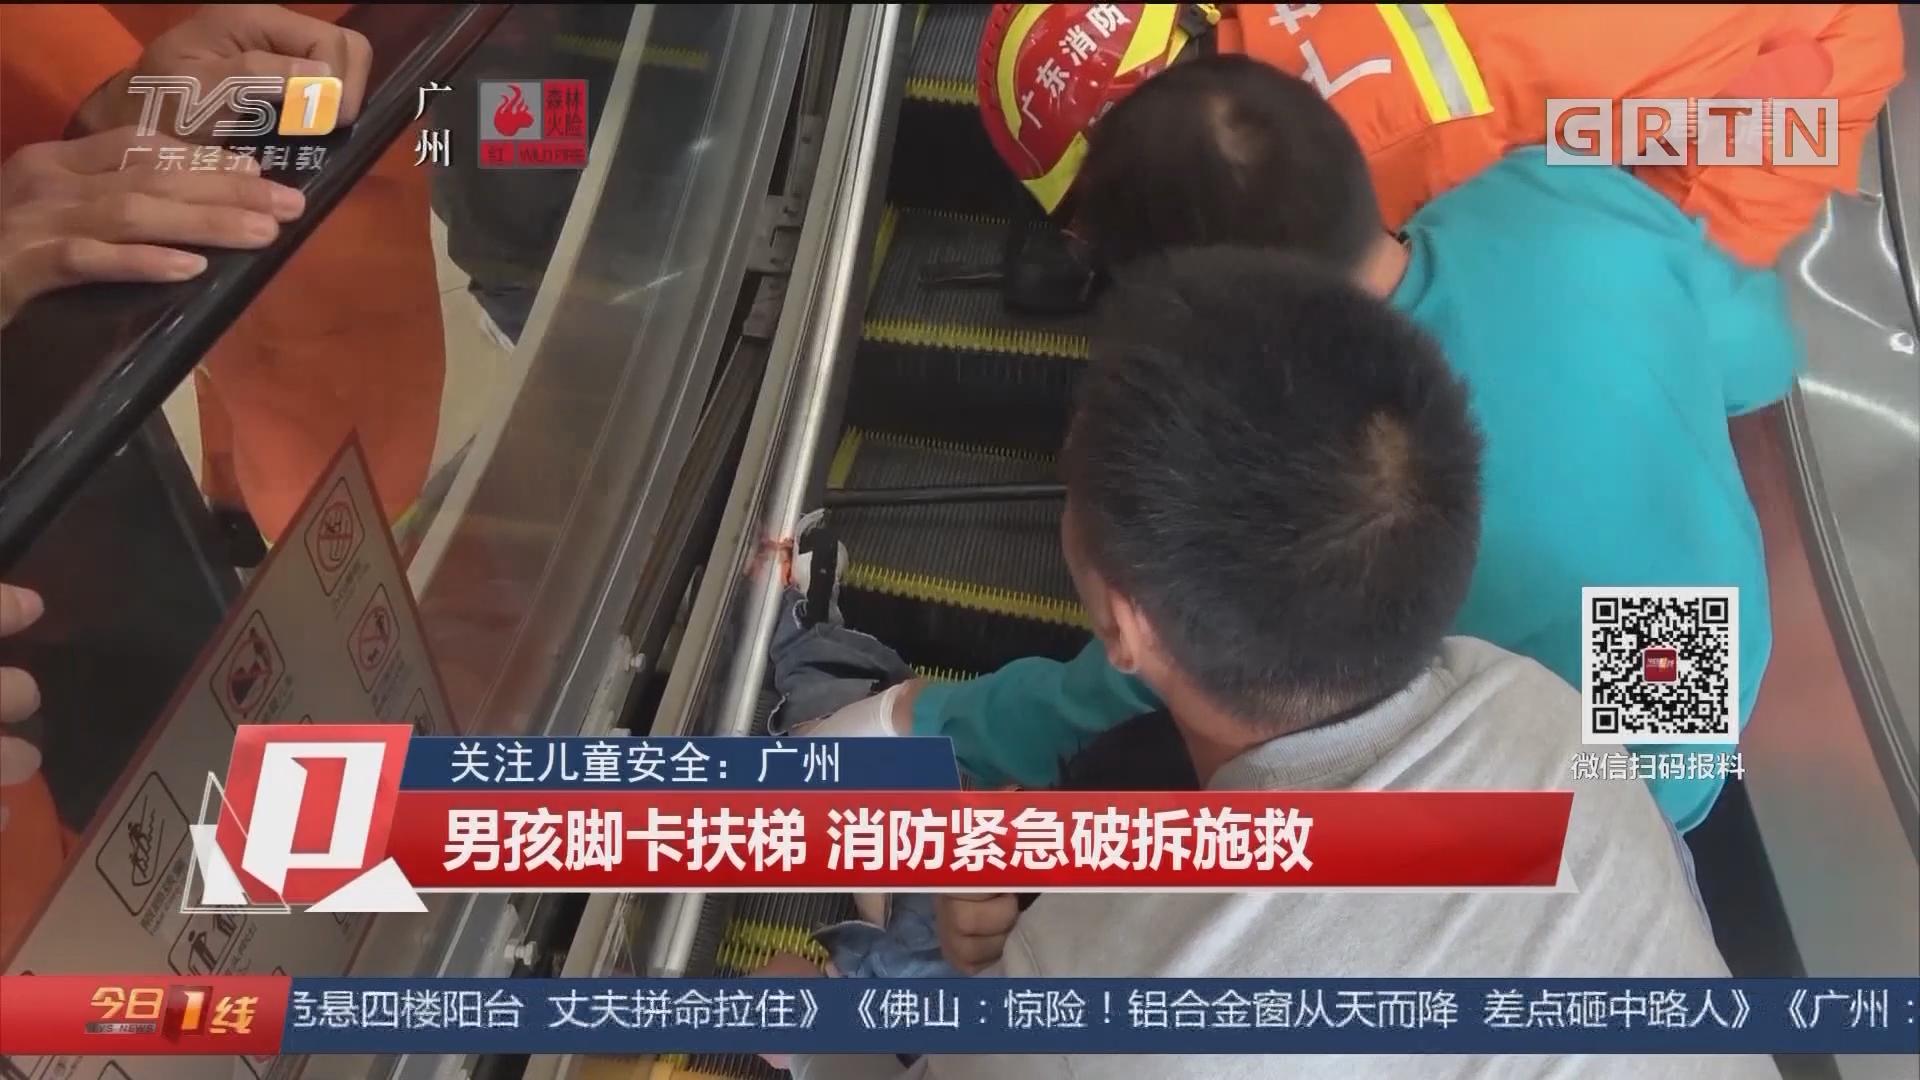 关注儿童安全:广州 男孩脚卡扶梯 消防紧急破拆施救